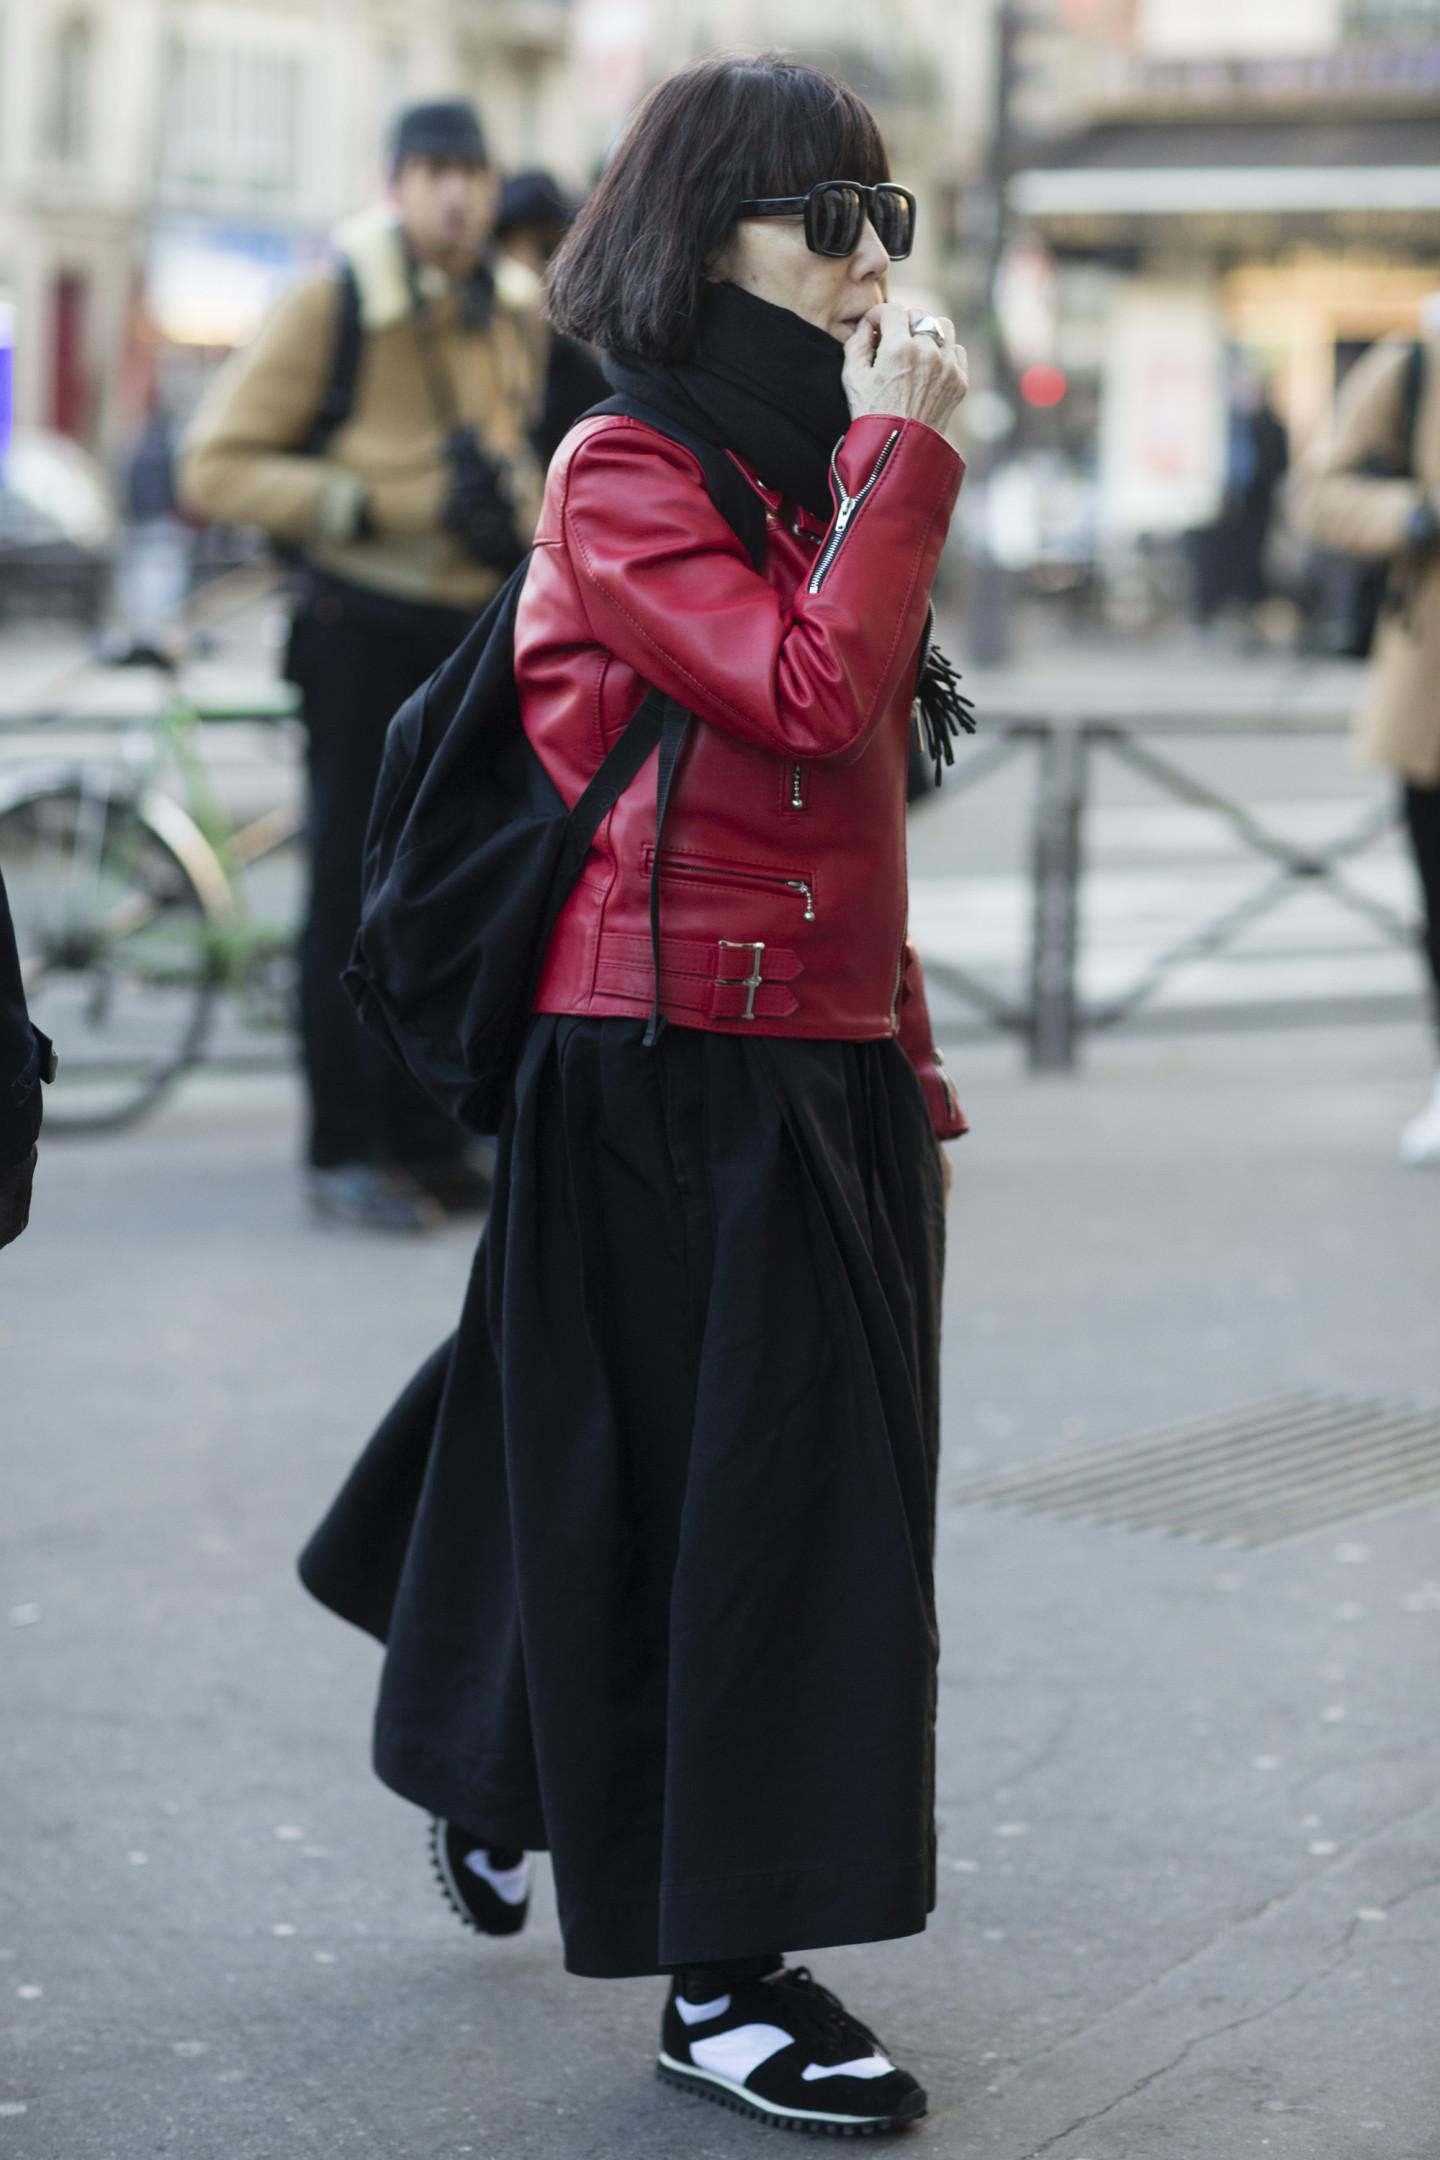 Креативный директор Comme des Garçons Рей Кавакубо перед парижским показом Гоши Рубчинского, январь 2016